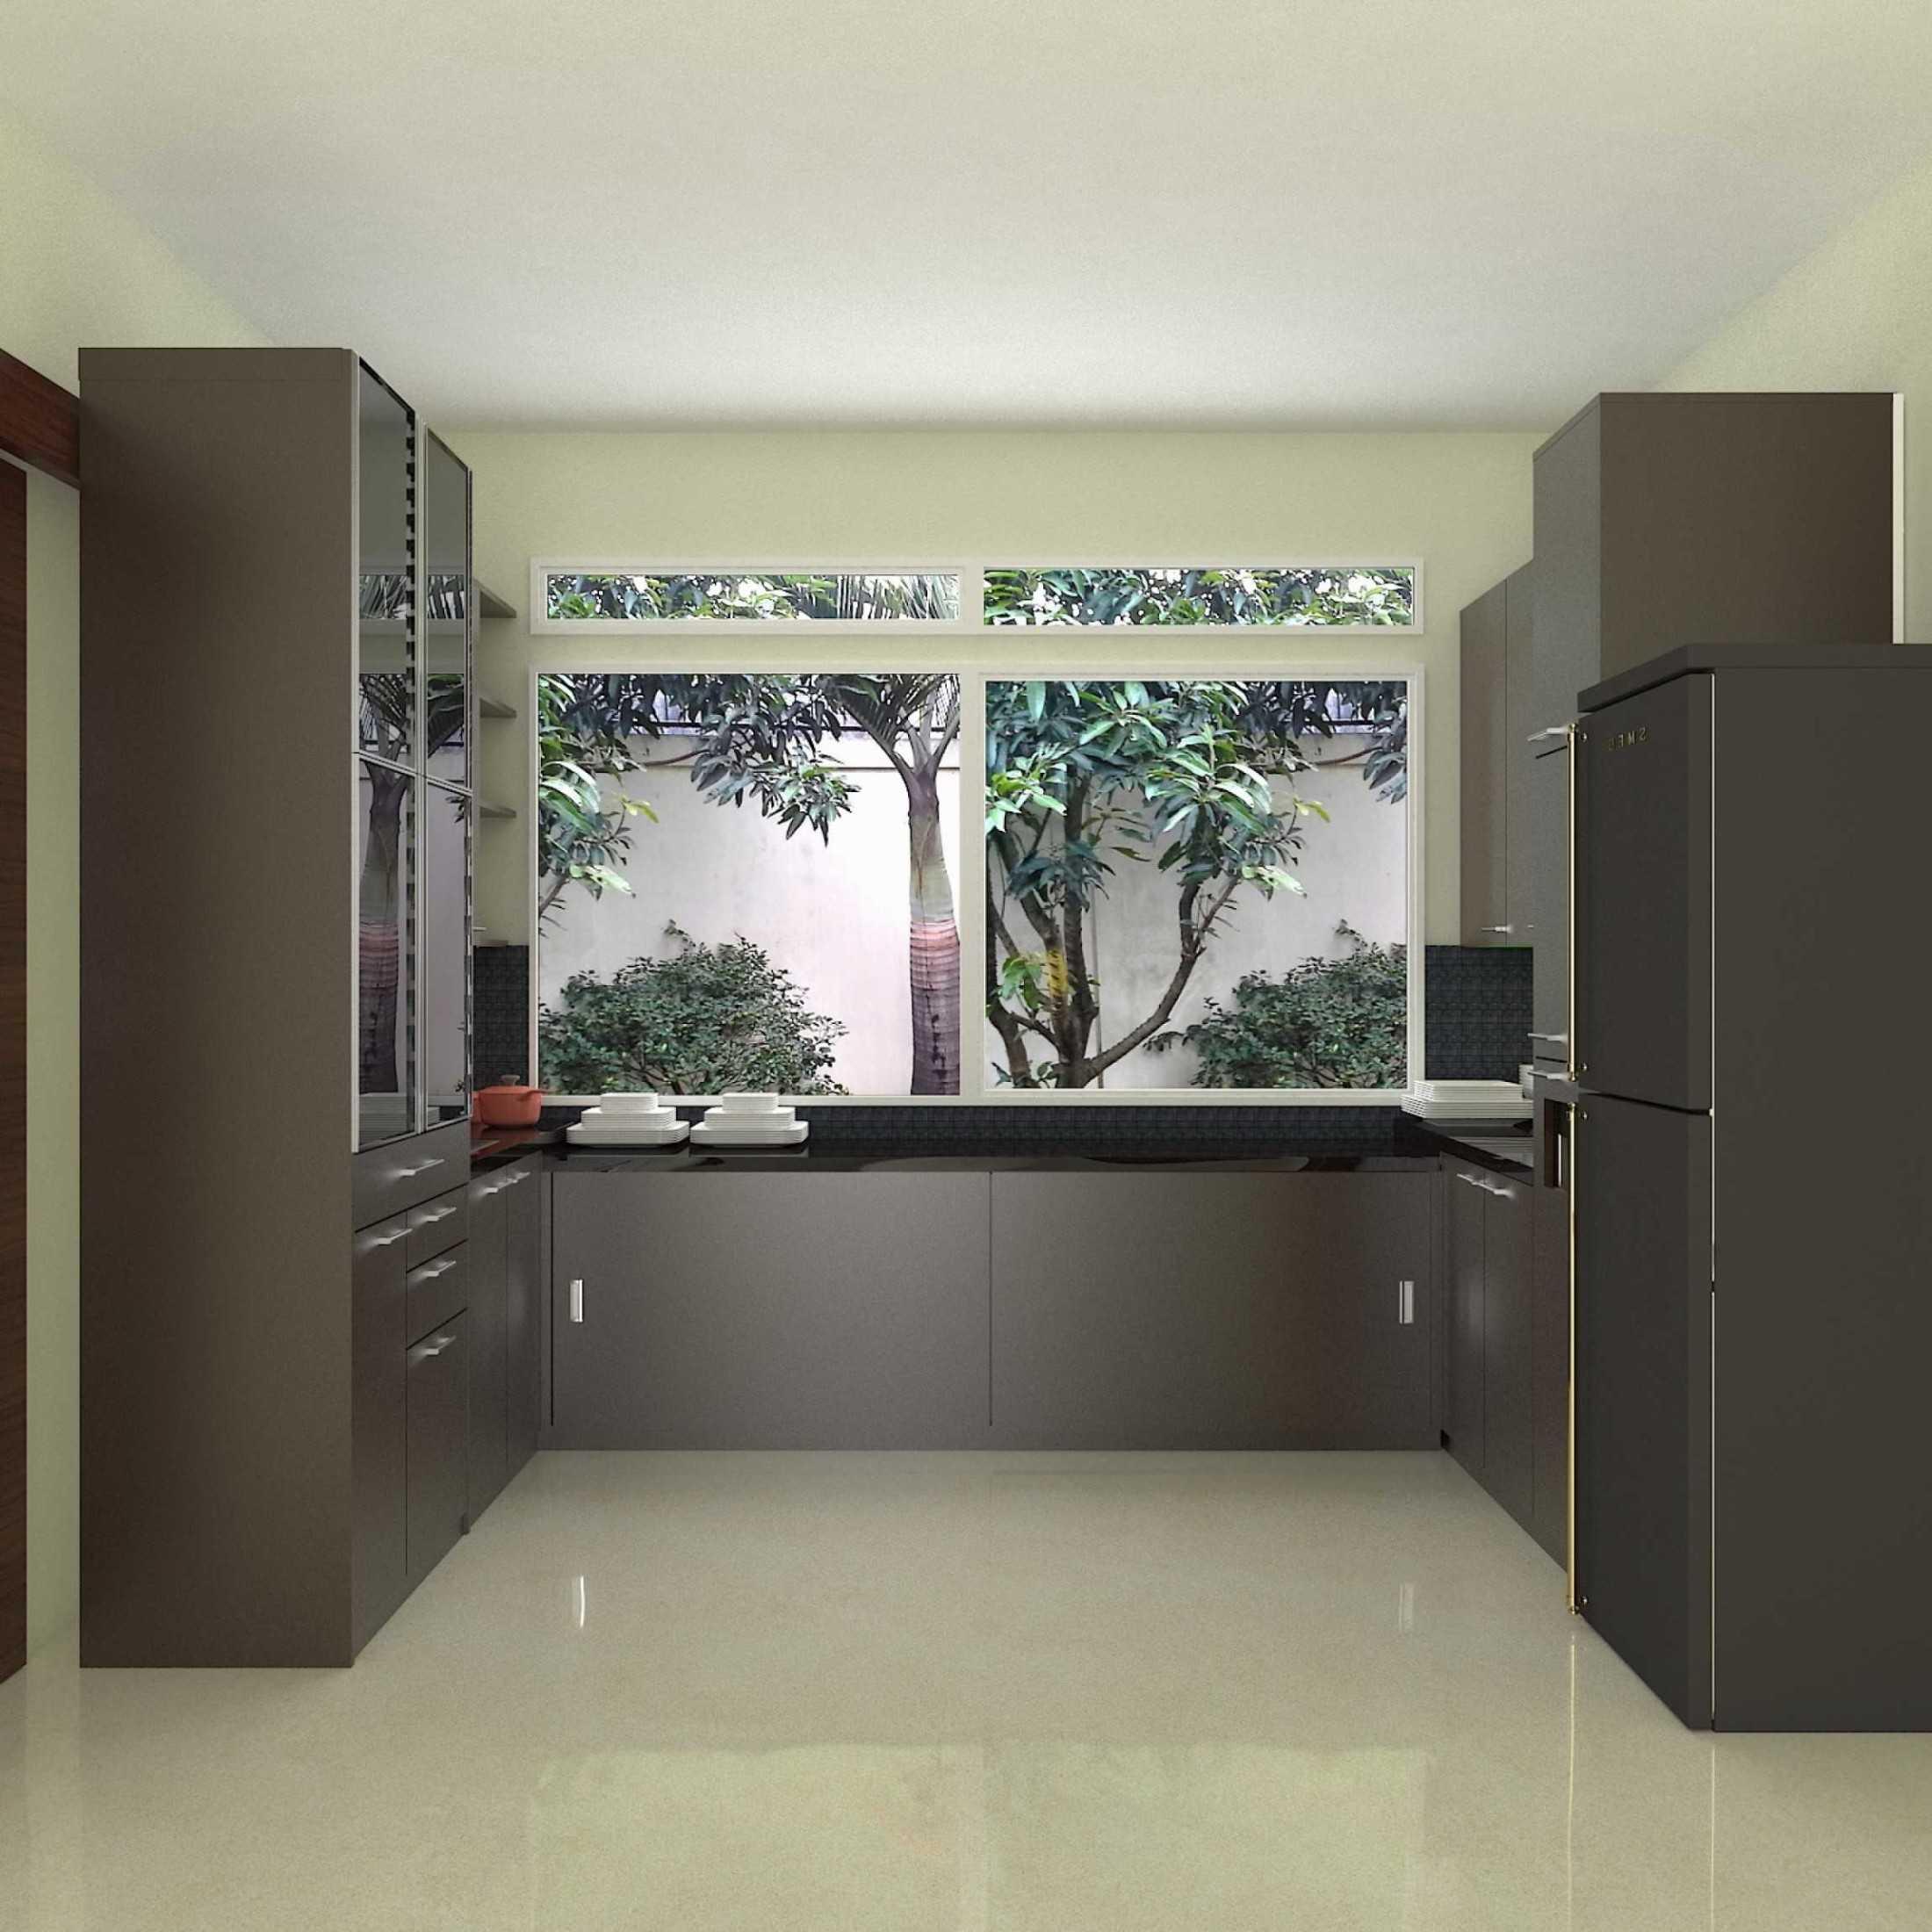 Gavin Interior Kitchen Set Minimalis Bekasi, Kota Bks, Jawa Barat, Indonesia Bekasi, Kota Bks, Jawa Barat, Indonesia Gavin-Interior-Kitchen-Set-Minimalis  120961